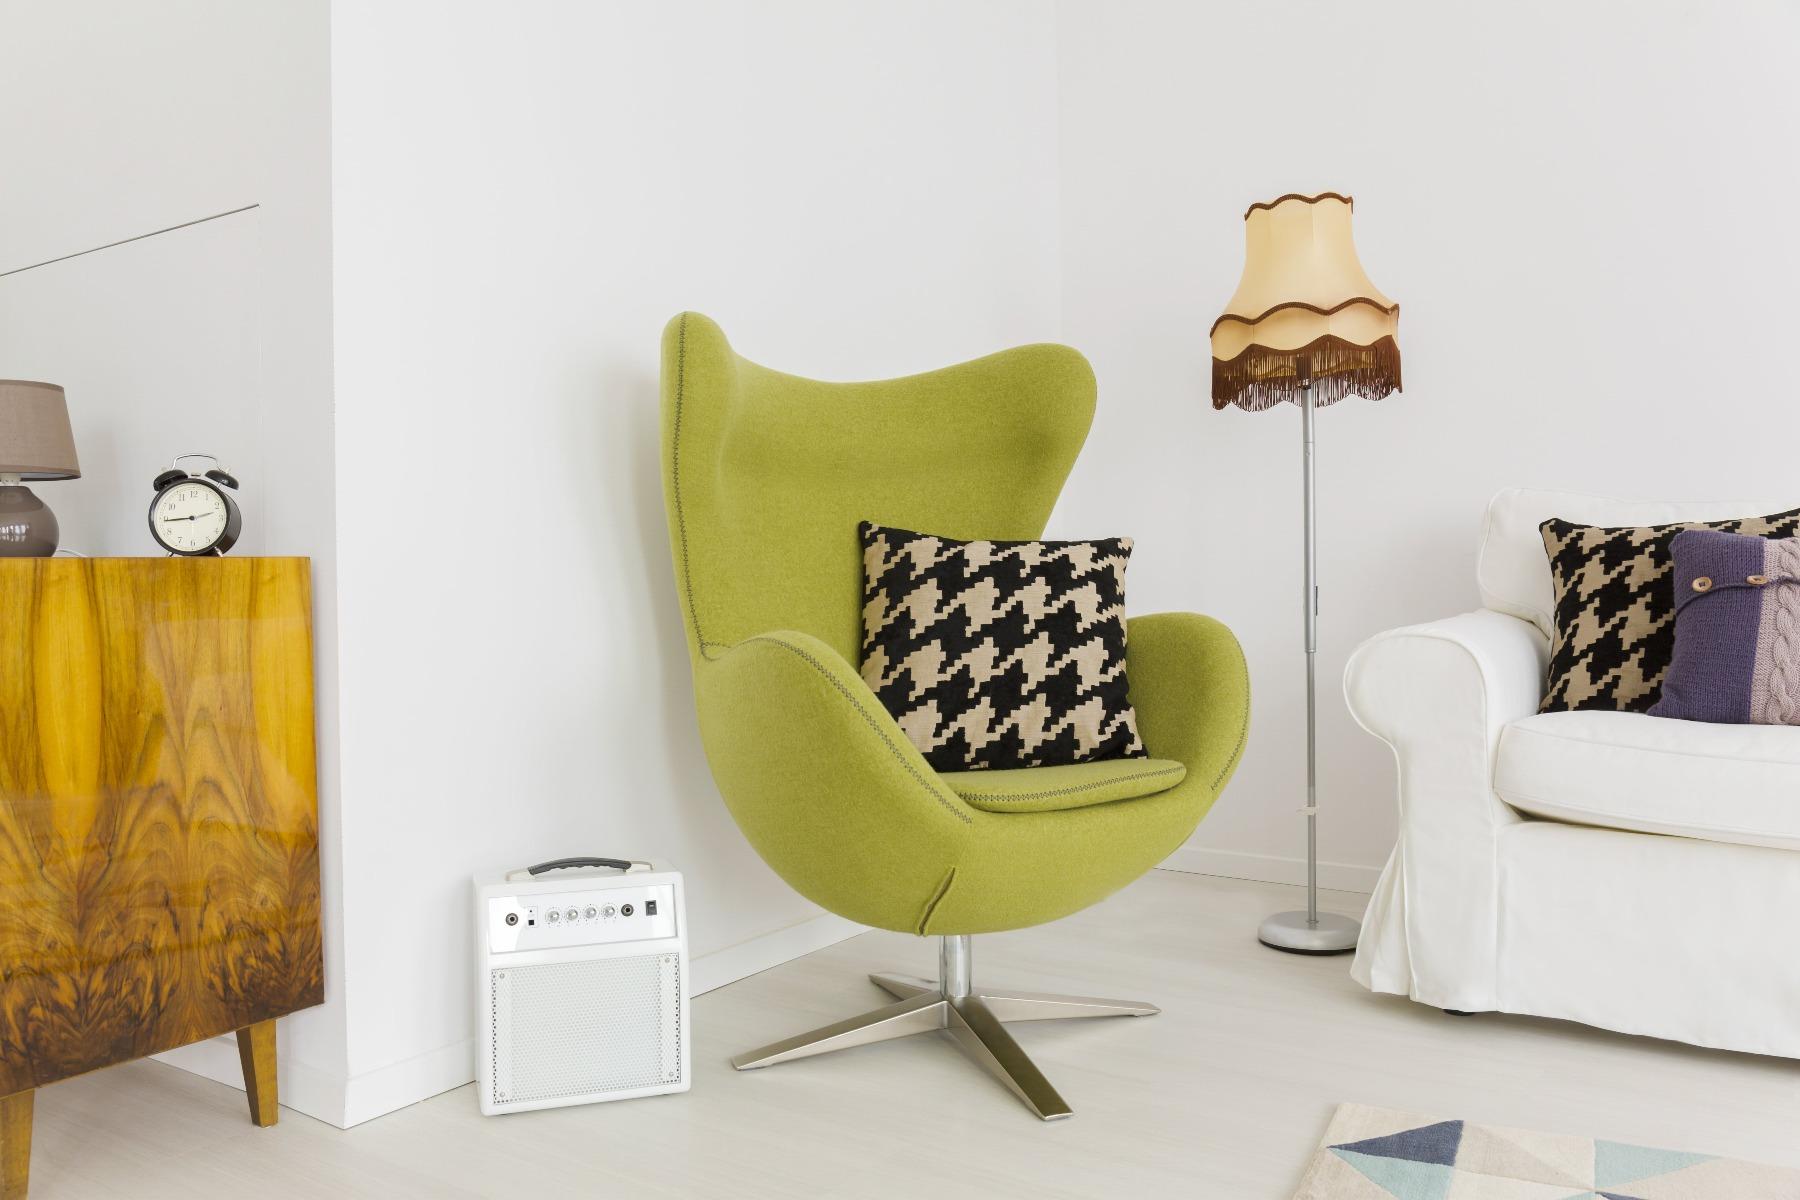 Das Bild zeigt einen Sessel im Vintage Stil.